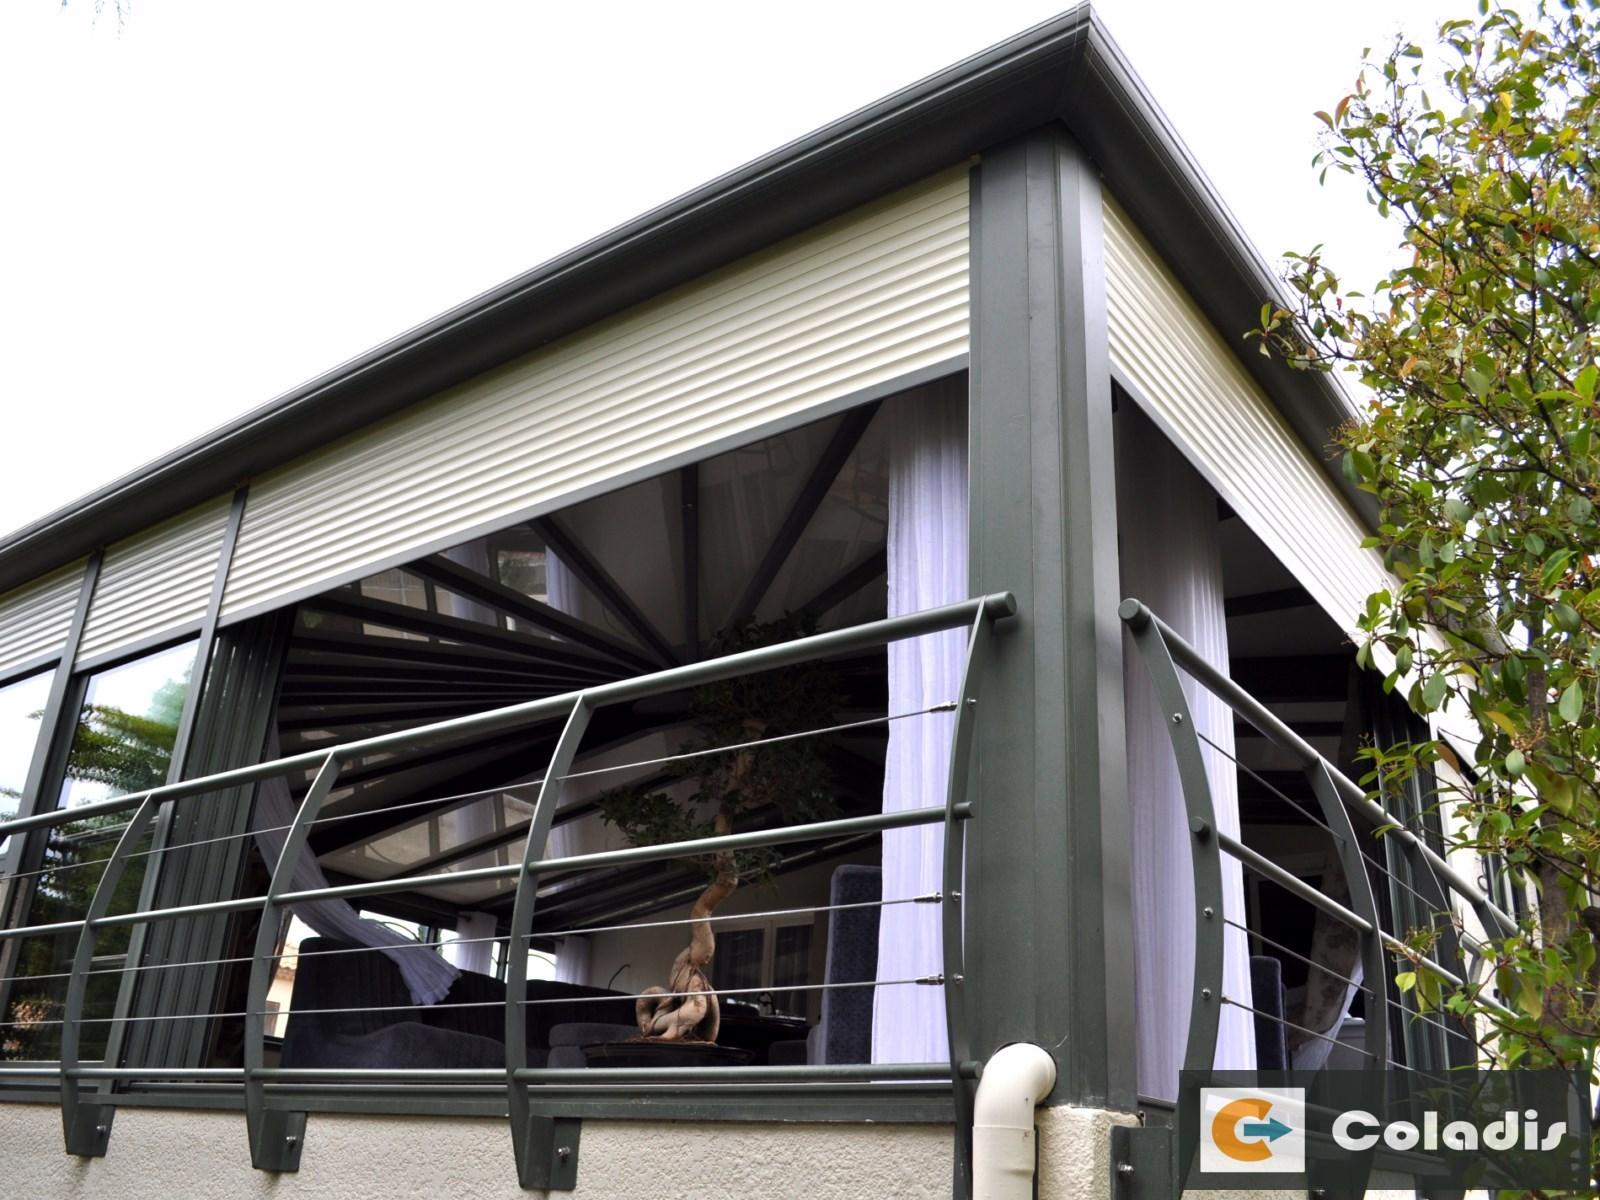 veranda alu avec volet roulant Coladis Montpellier Hérault 34